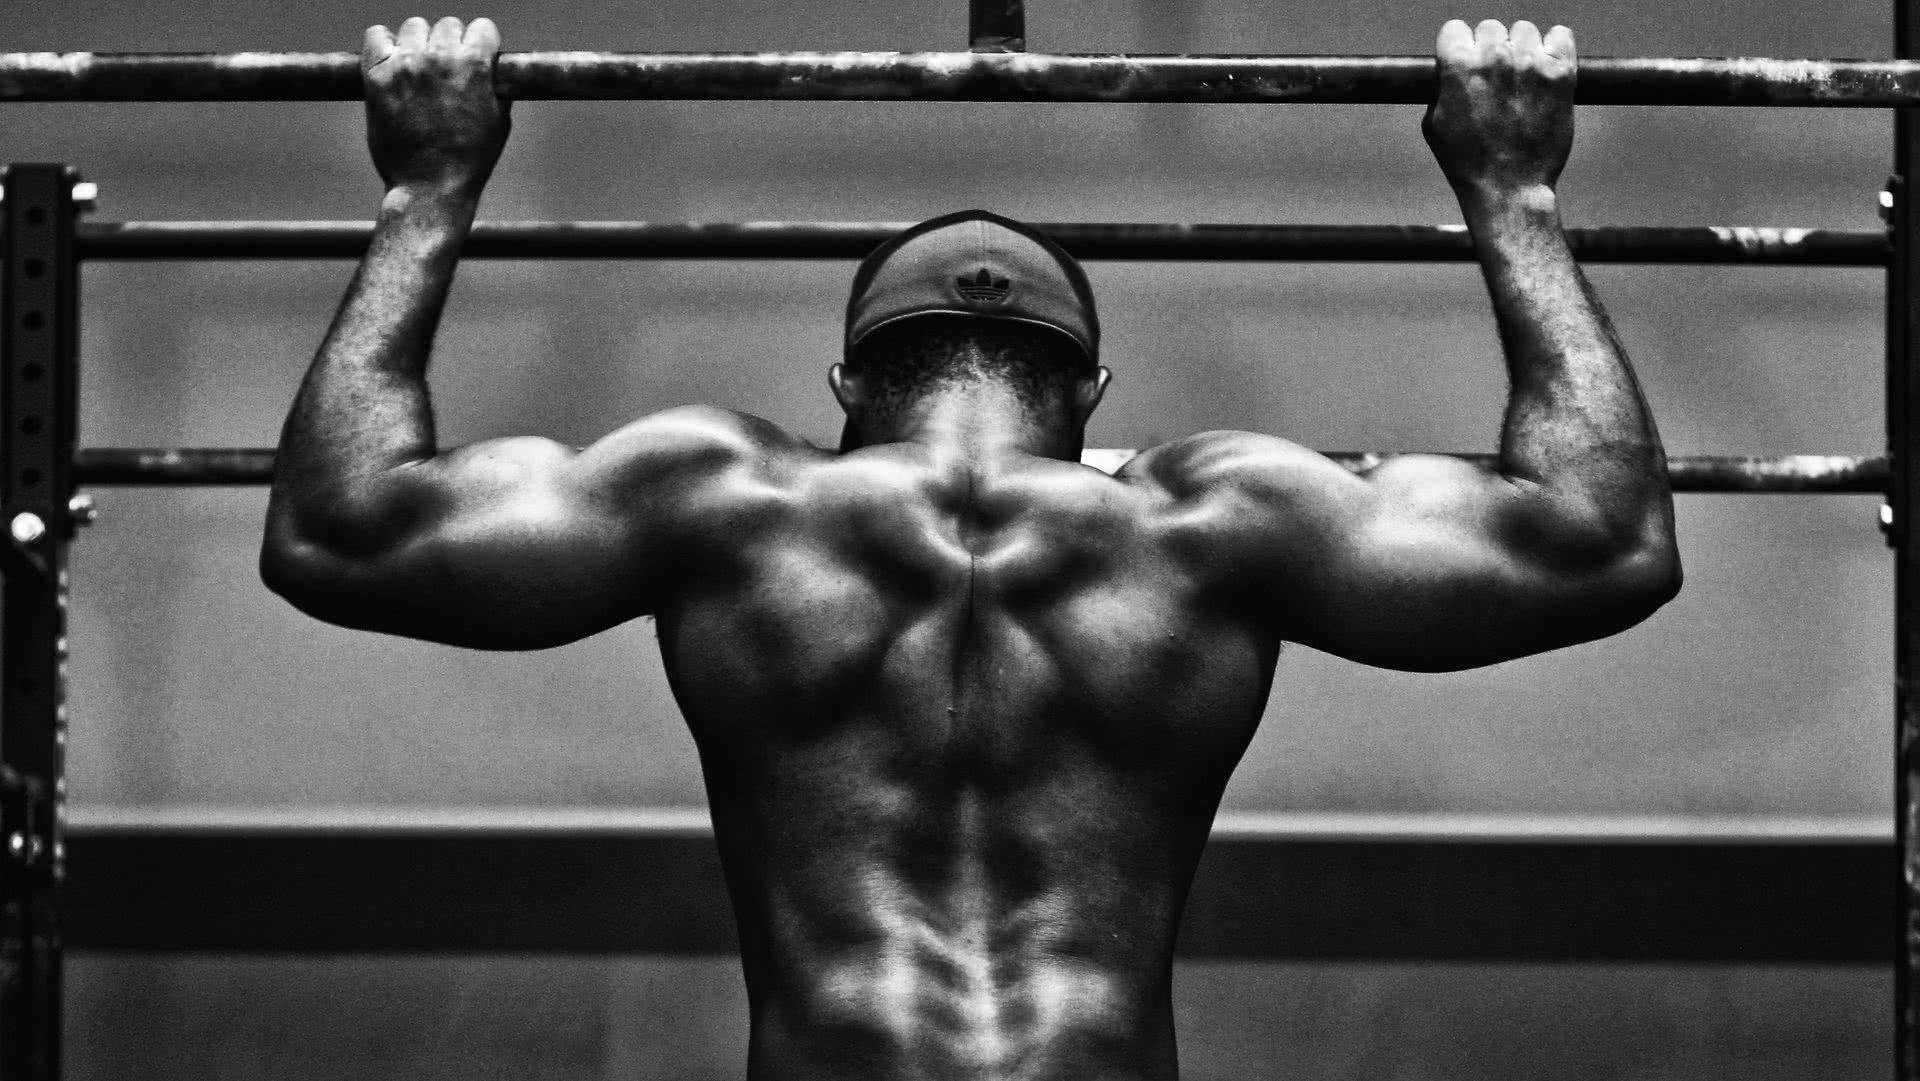 les régimes pour perdre la graisse et construire la masse musculaire maigre